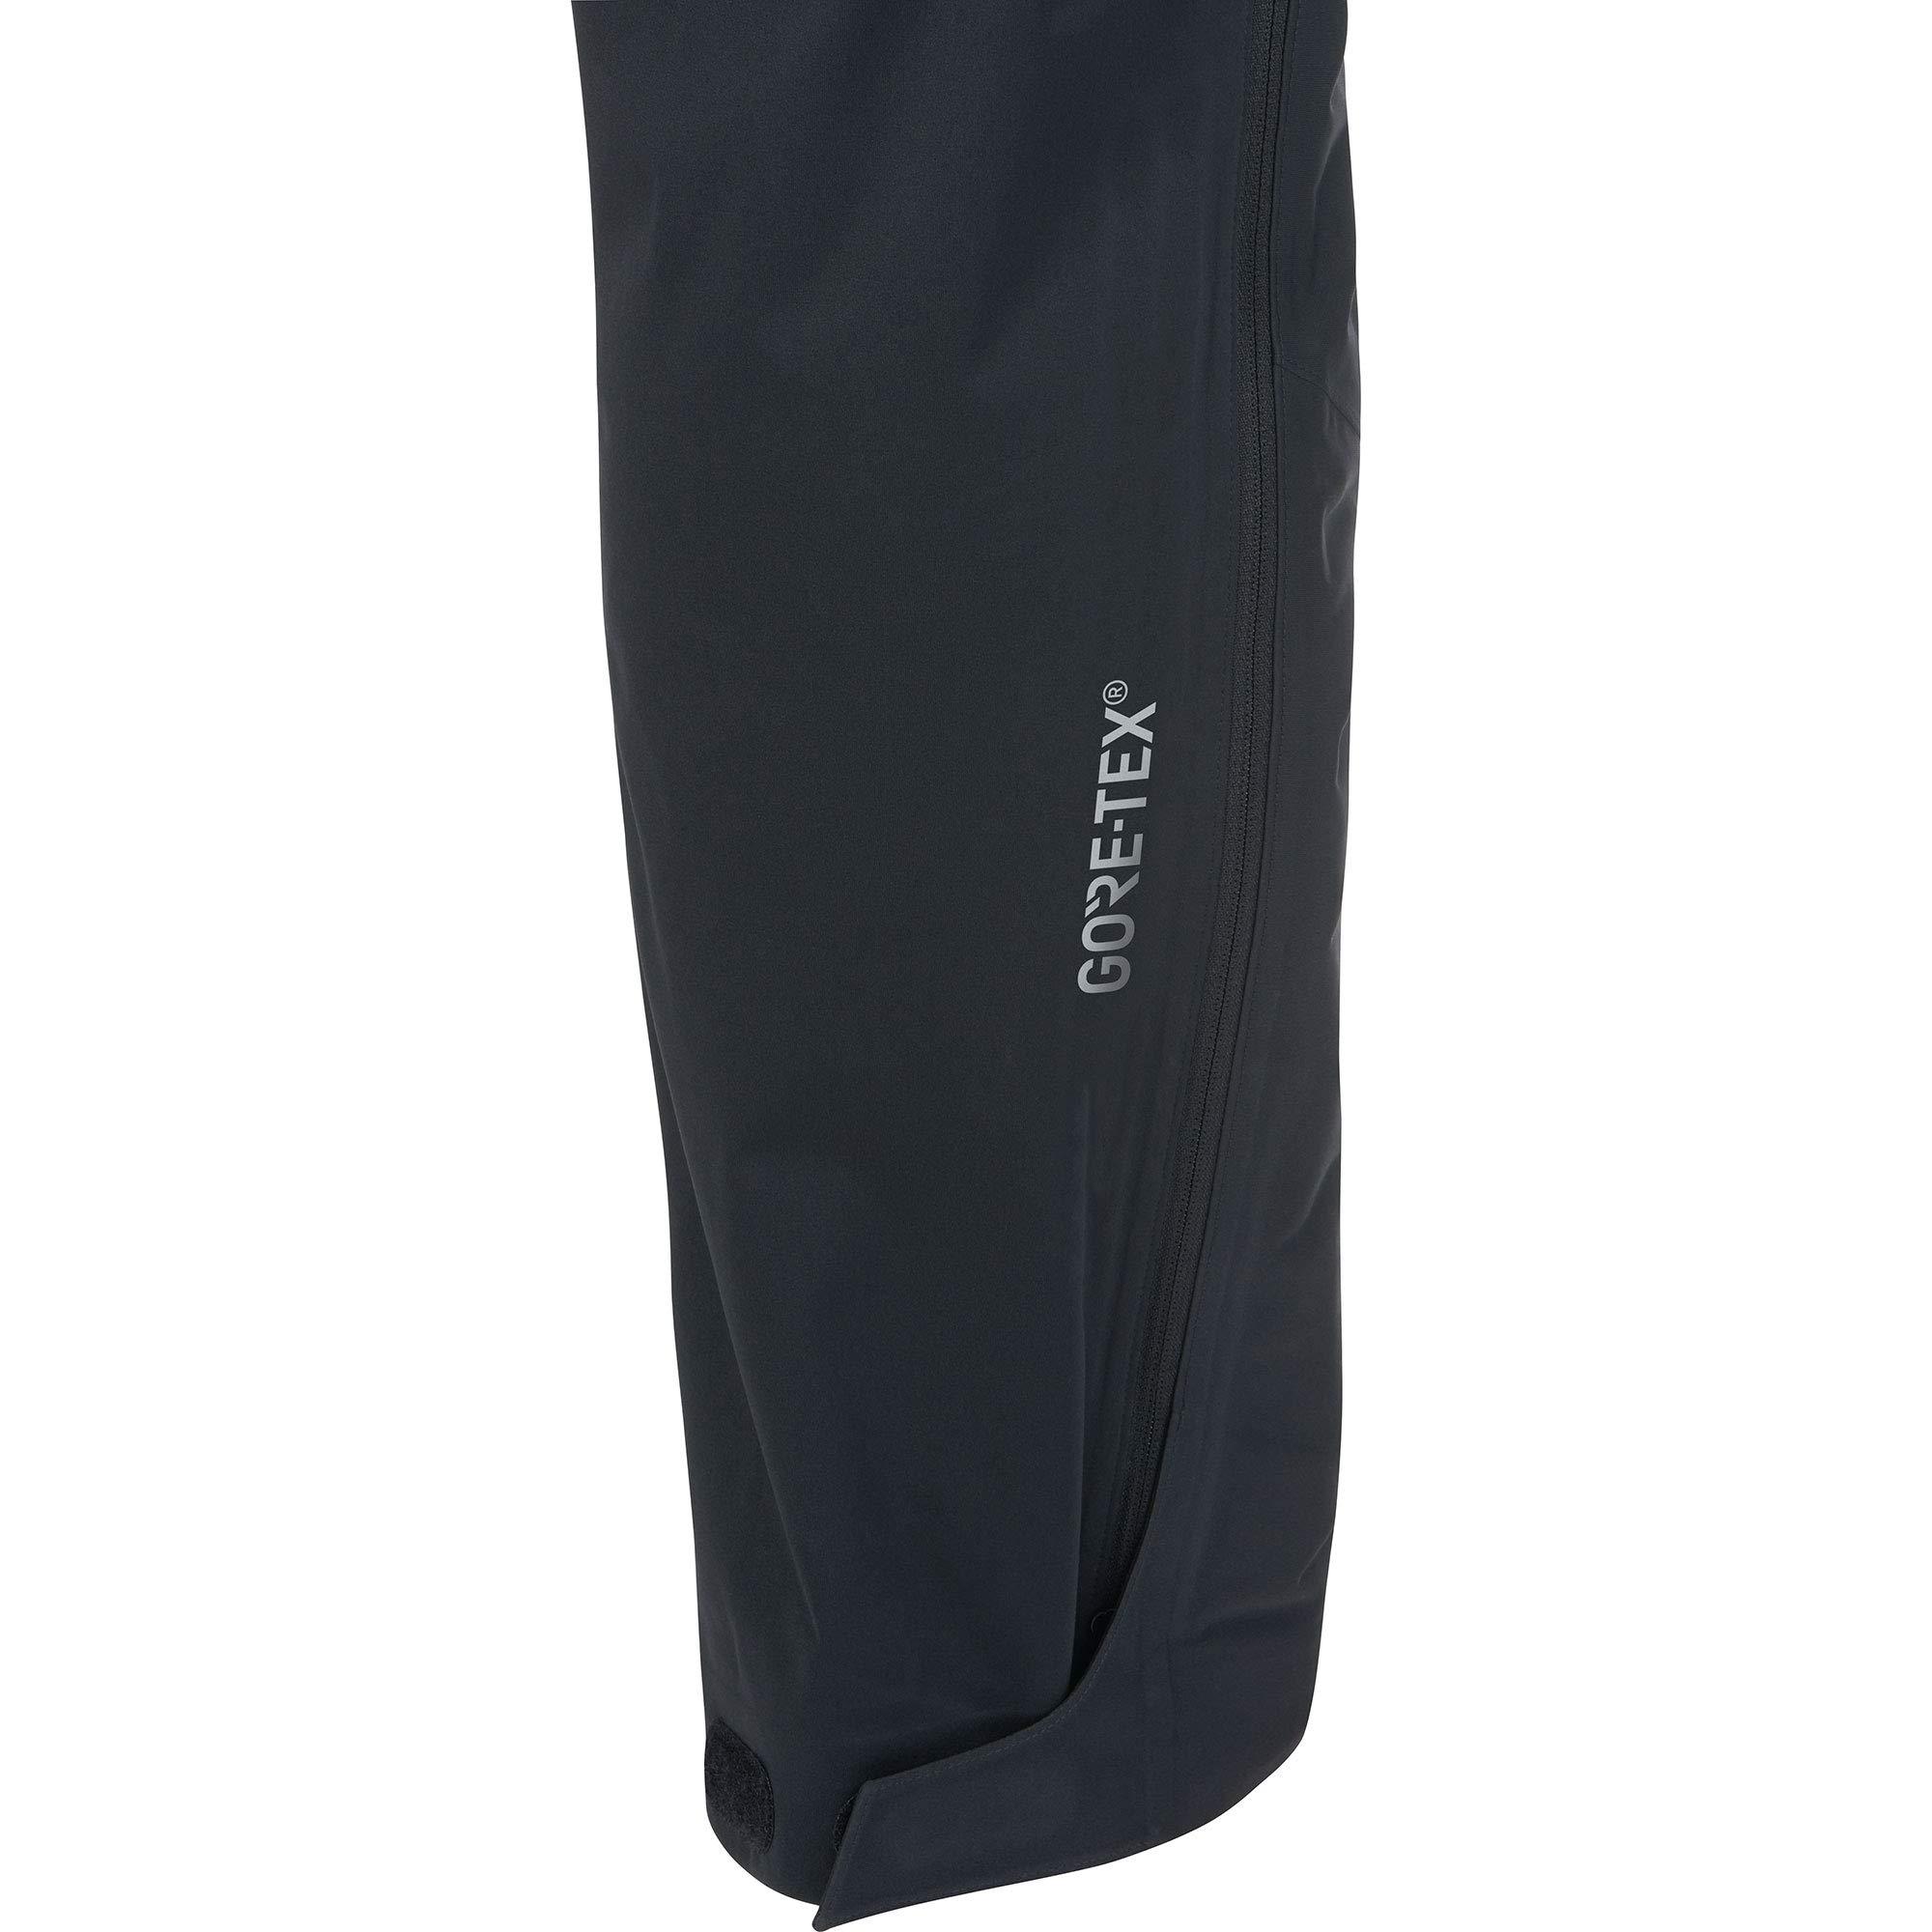 Gore Men's R3 Gtx Active Pants,  black,  L by GORE WEAR (Image #6)